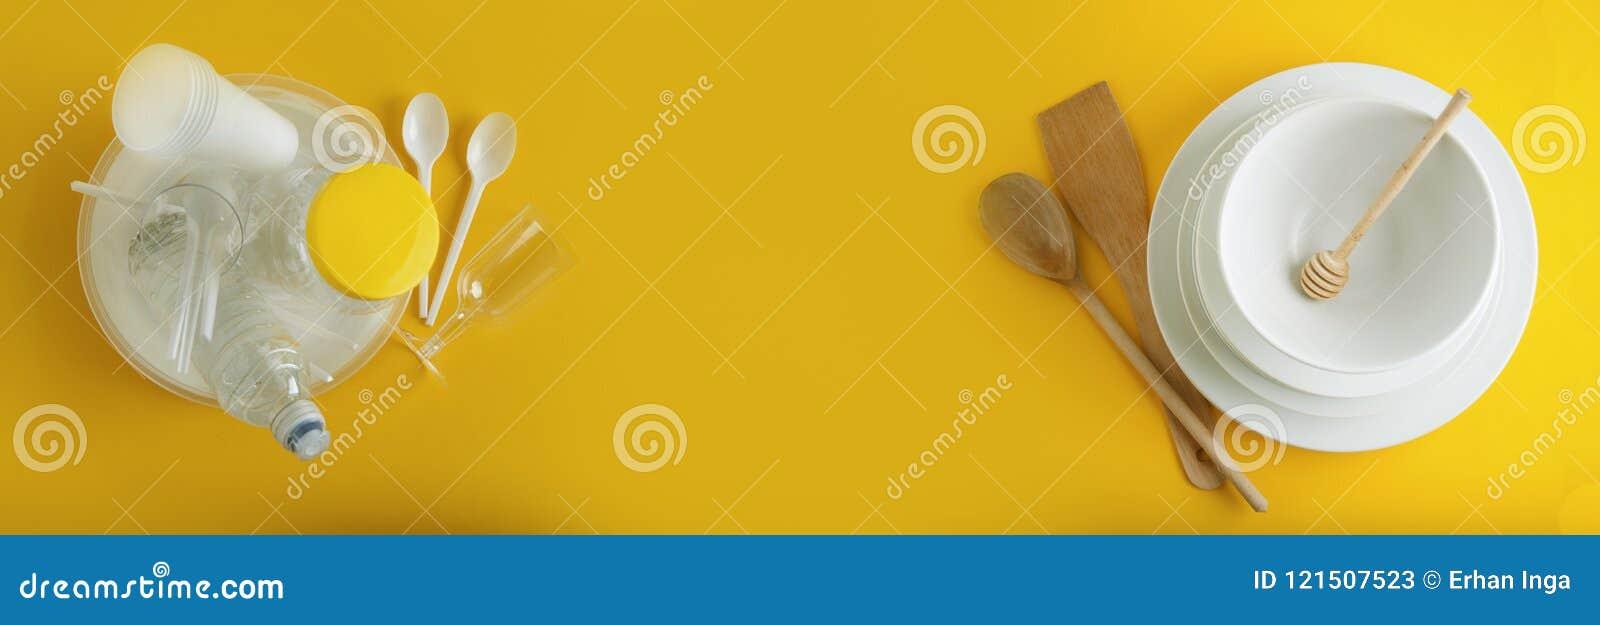 Tradycyjny Klasyczny śniadanie Smażąca kiełbasa na białego kwadrata porcelany talerzu i jajka Isoalted na Błękitnym tle sztandar